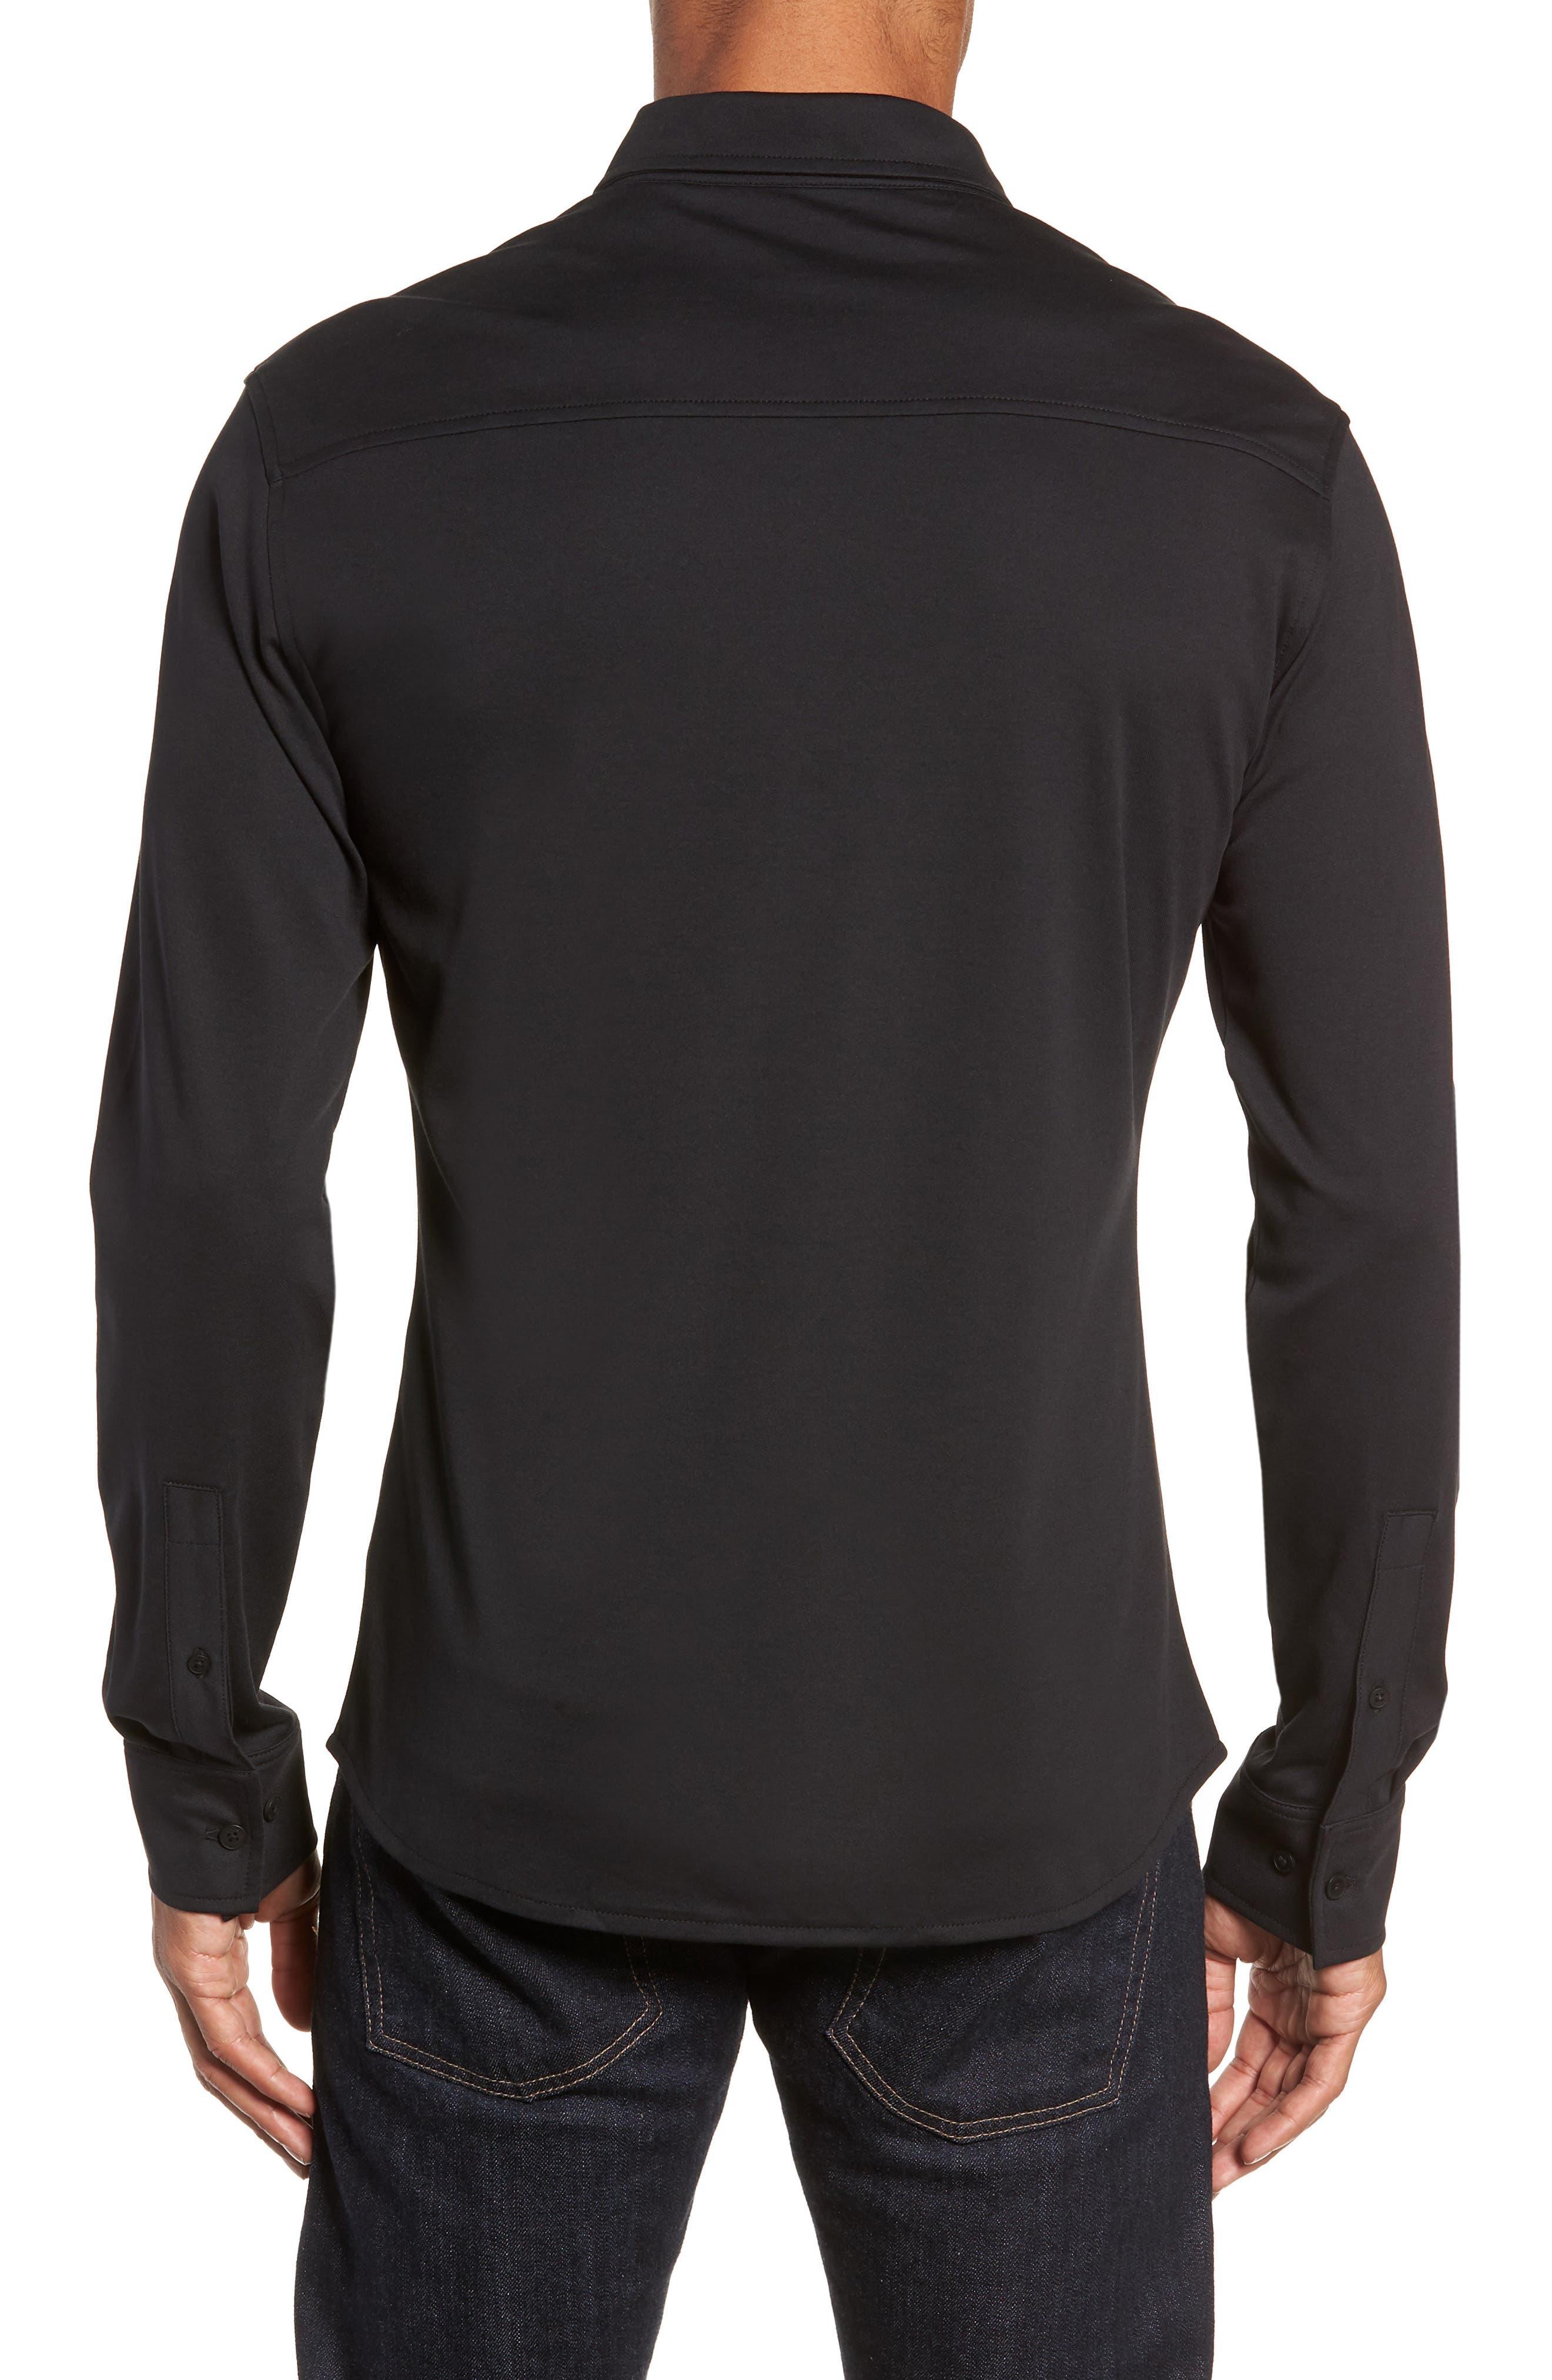 Vince Camuto Slim Fit Pique Knit Button-Down Shirt